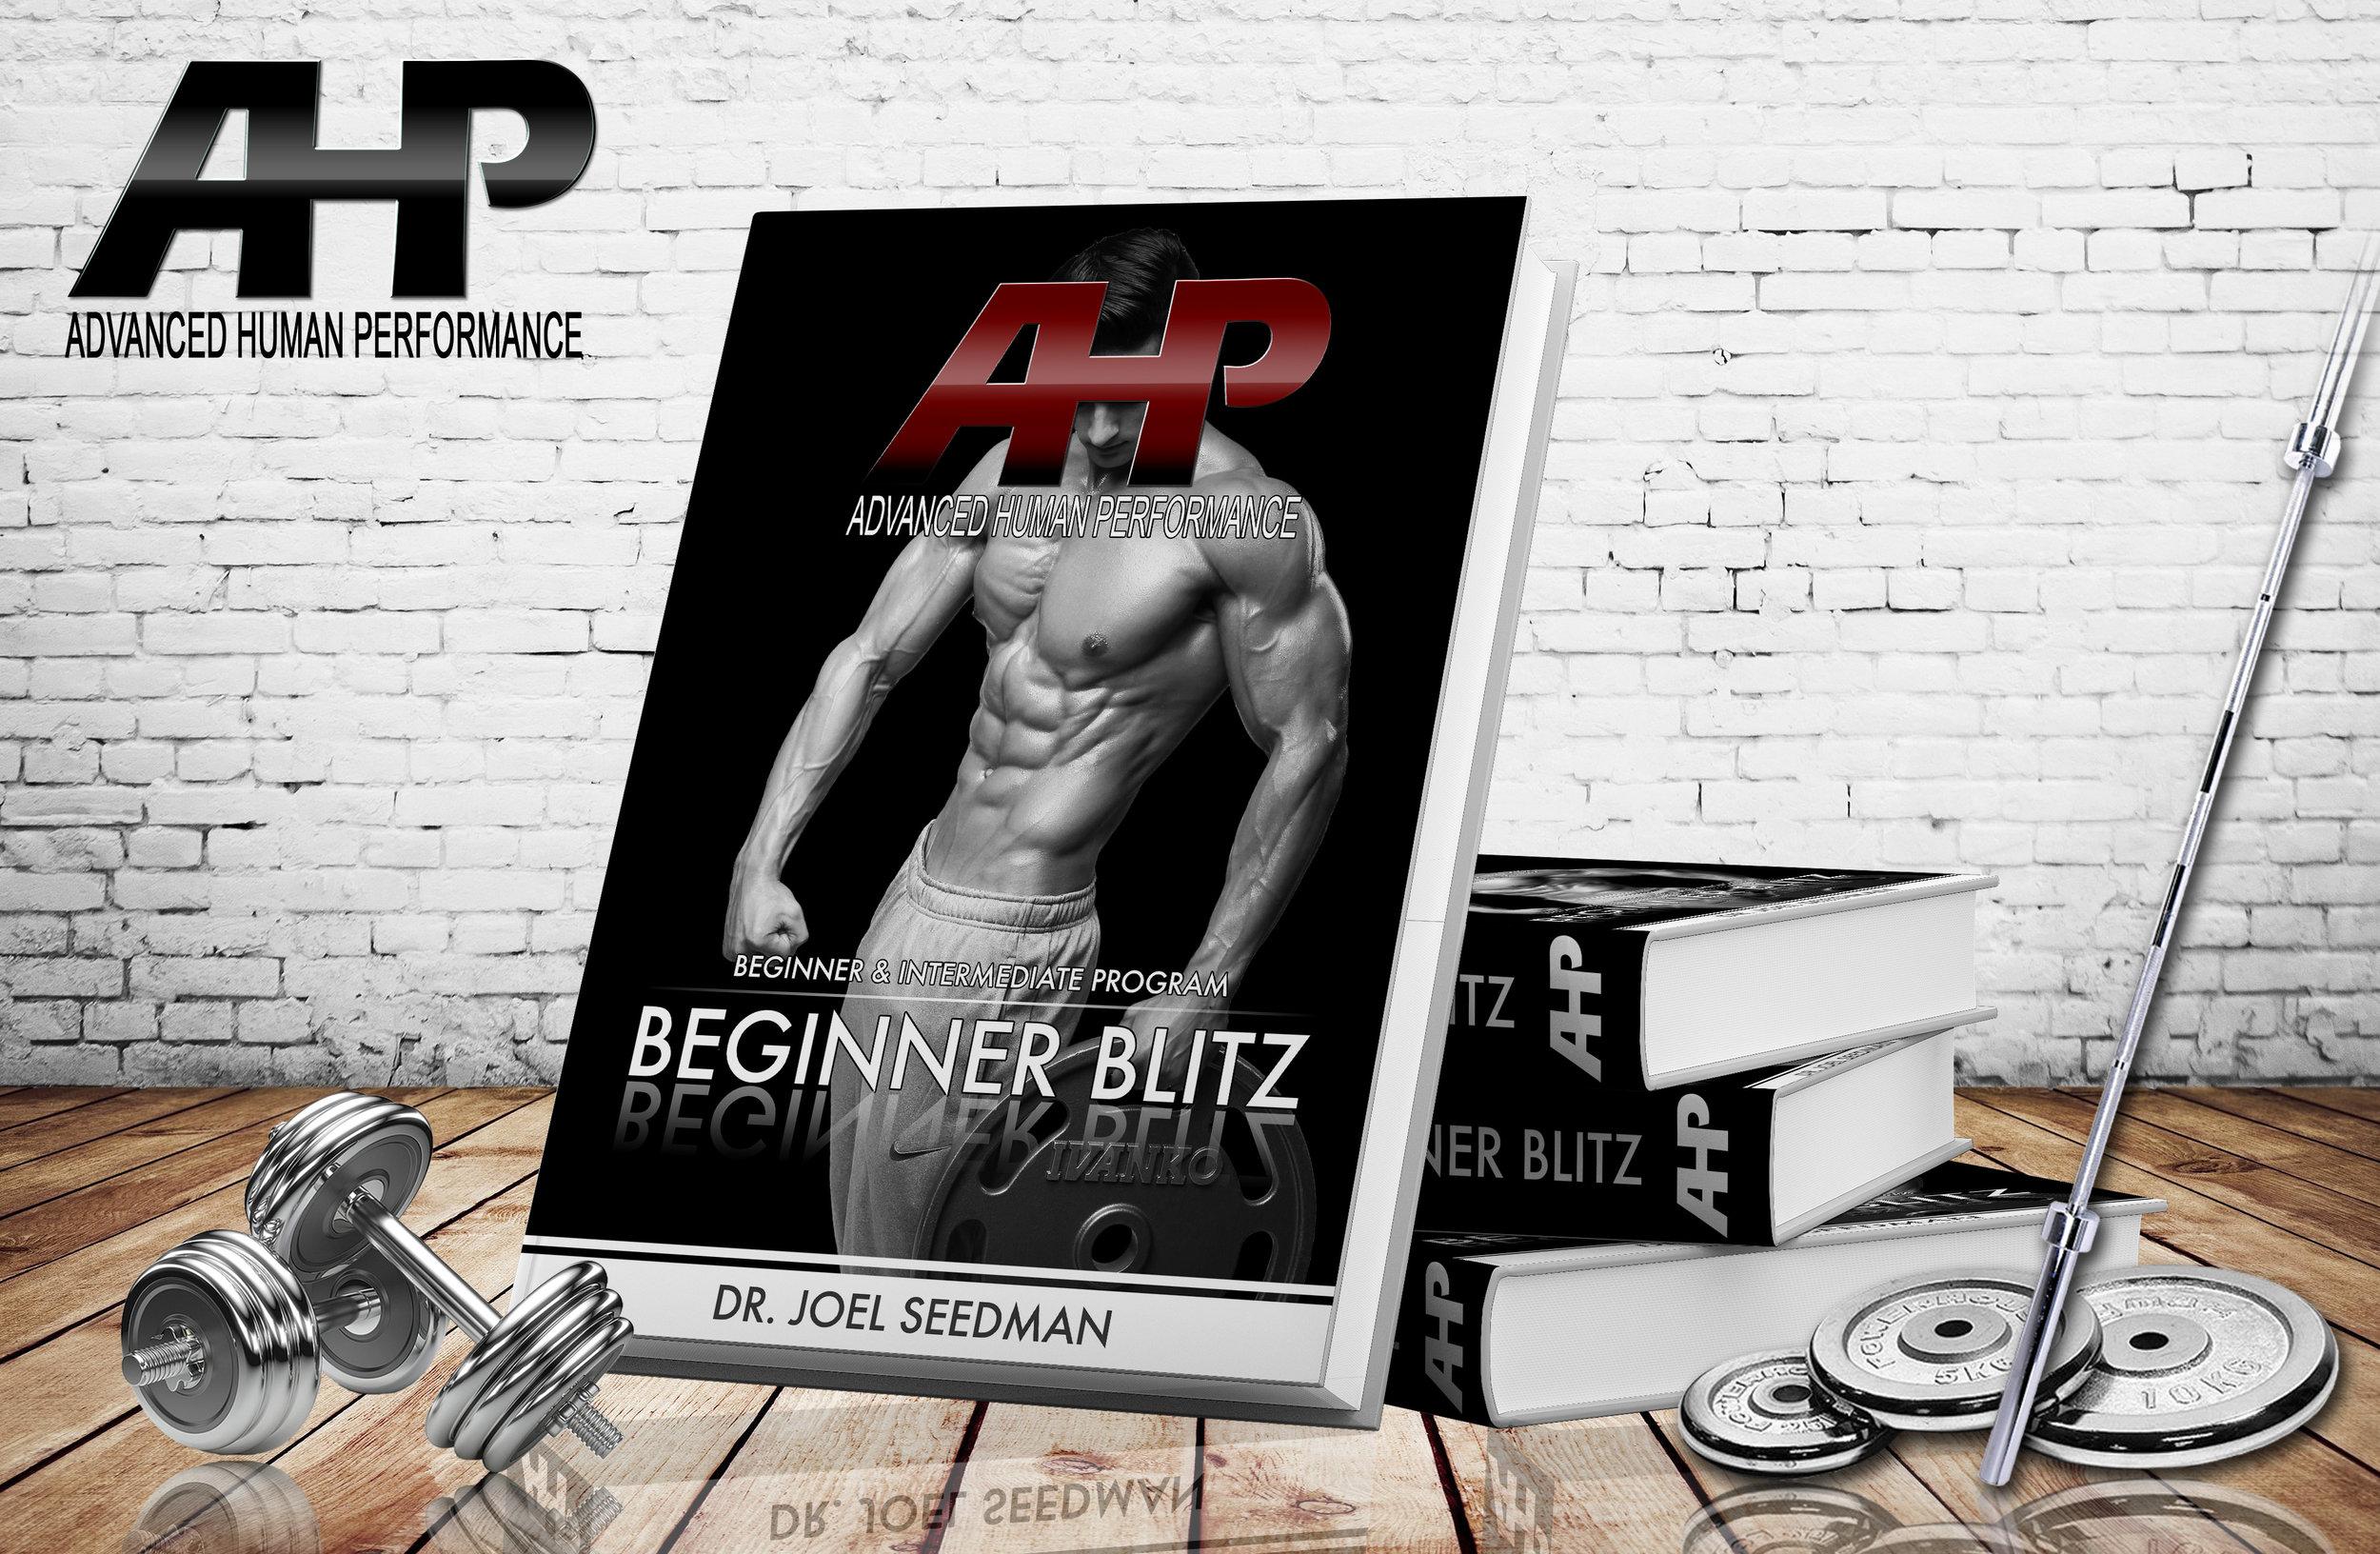 Beginner Blitz Training Program